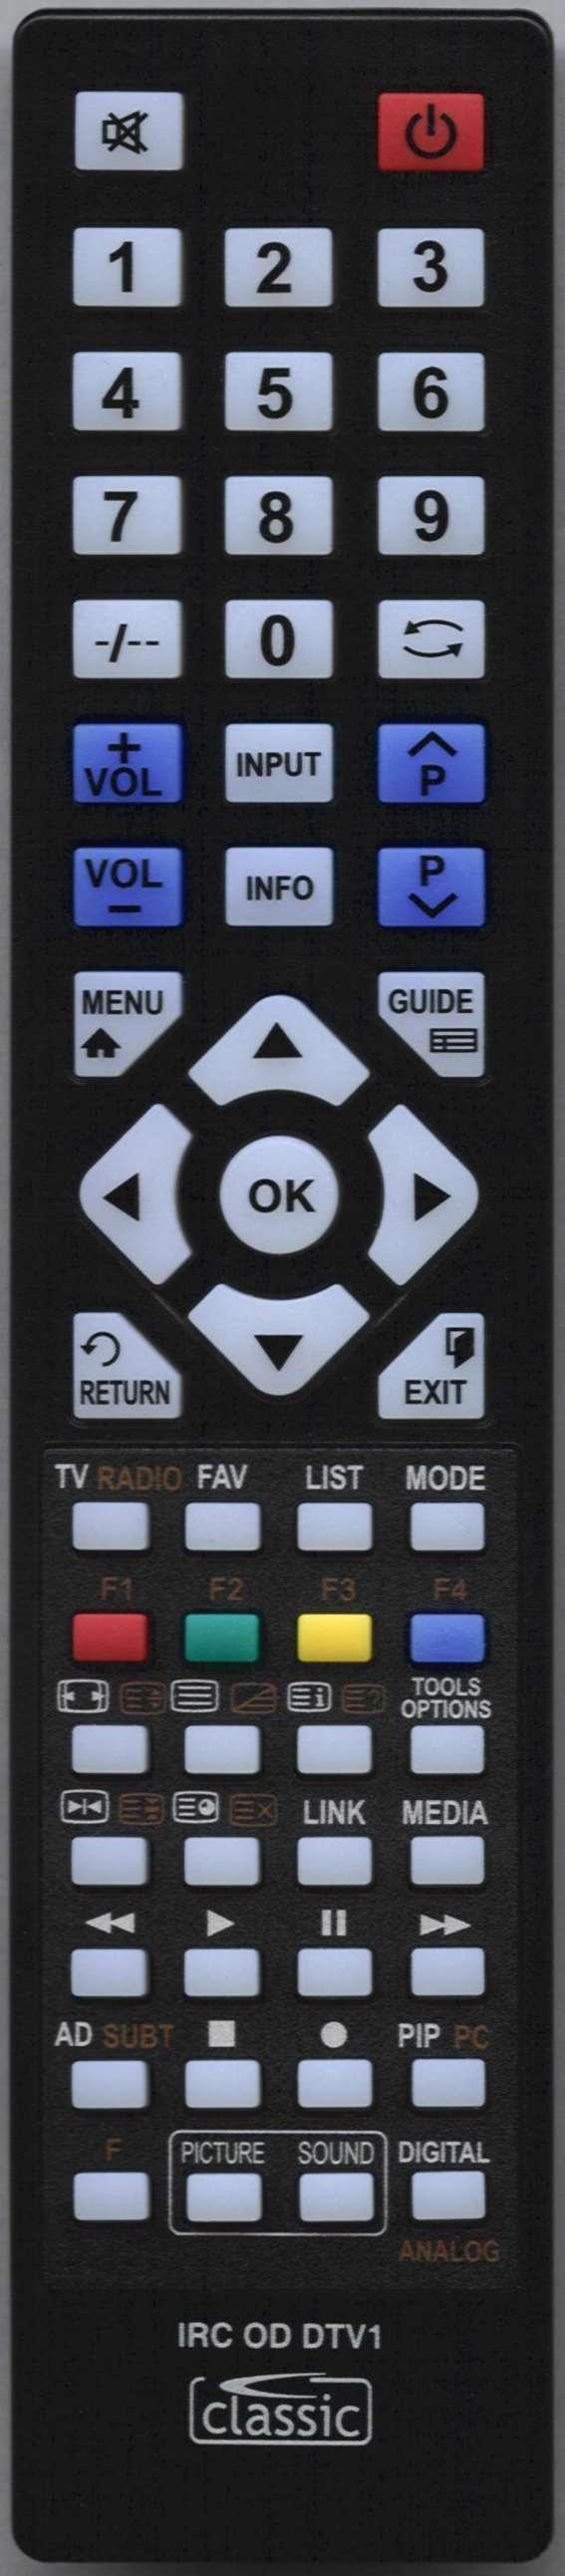 POLAROID P50FP0118A Remote Control Alternative